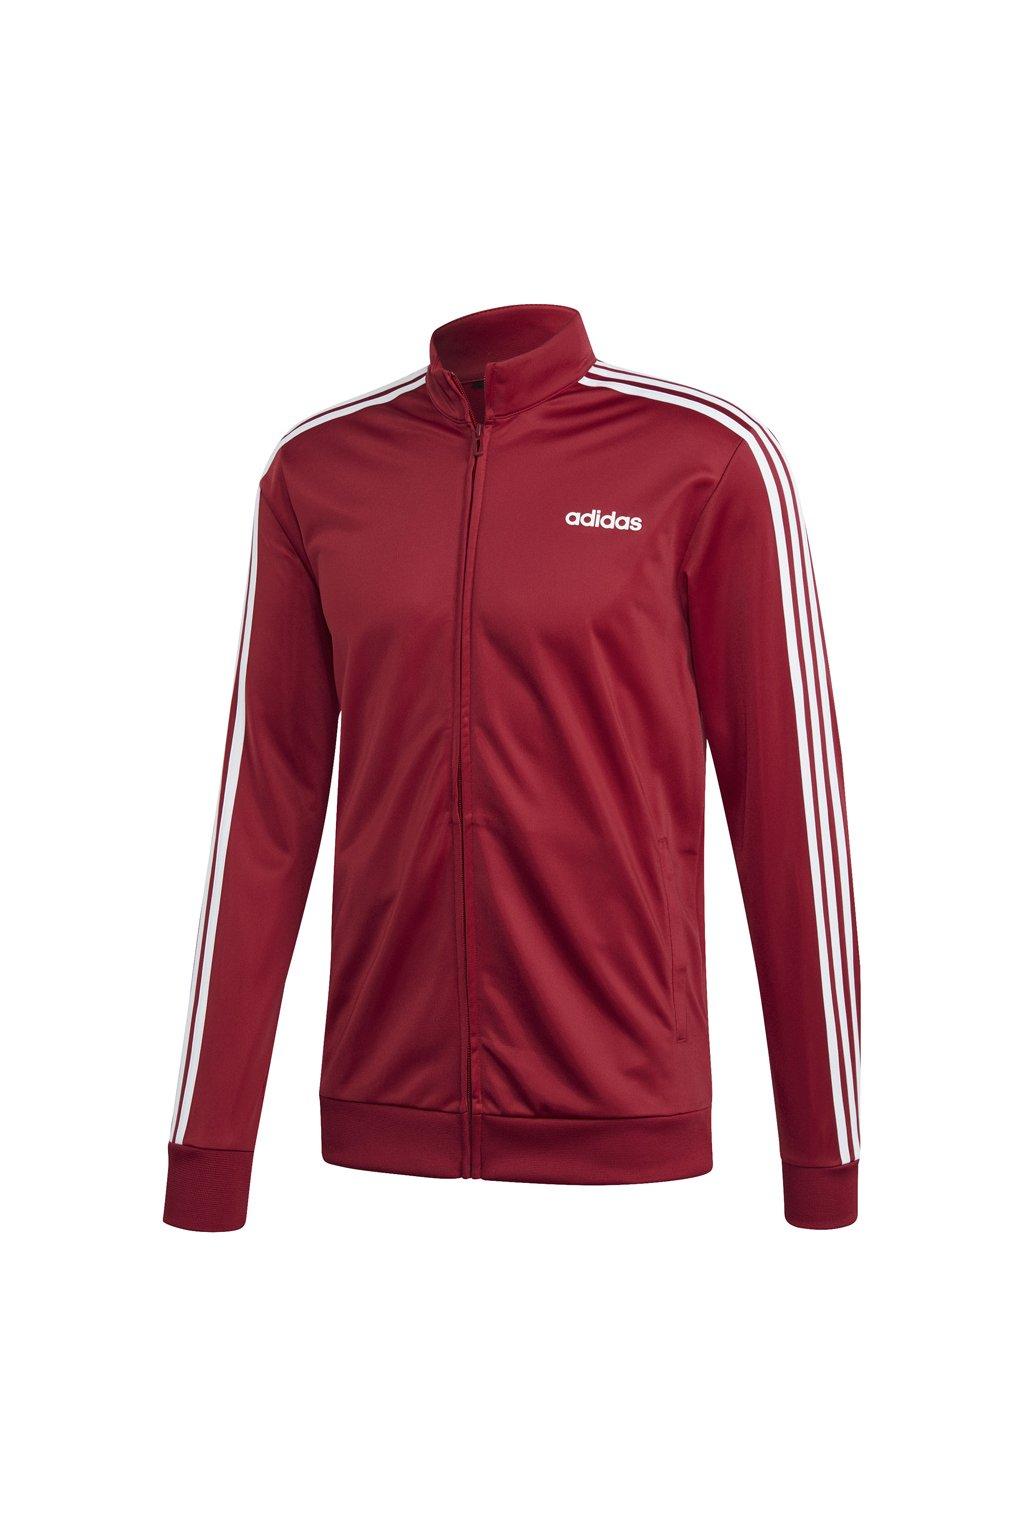 Pánska mikina Adidas Essentials 3 Stripes Tricot Track Top, červená EI4891